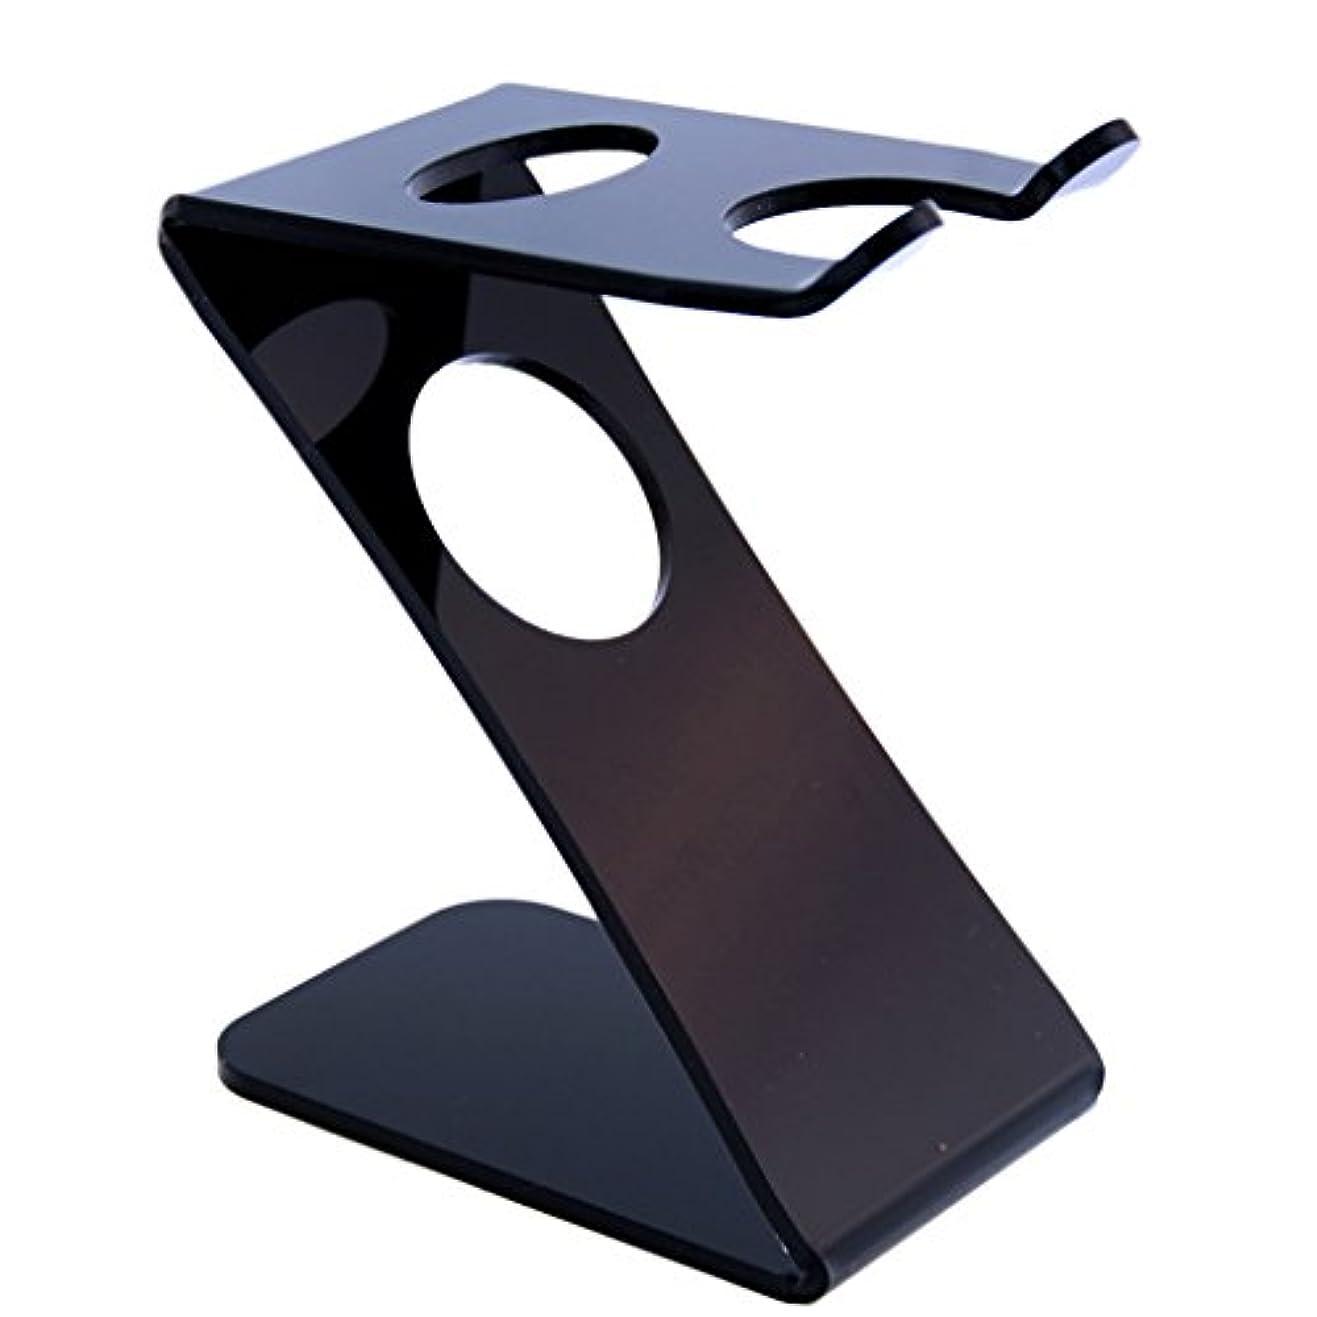 キノコ達成する回路Kesoto プラスチック シェービングブラシ用 髭剃り ホルダー スタンド ブラック 清潔 乾く安い